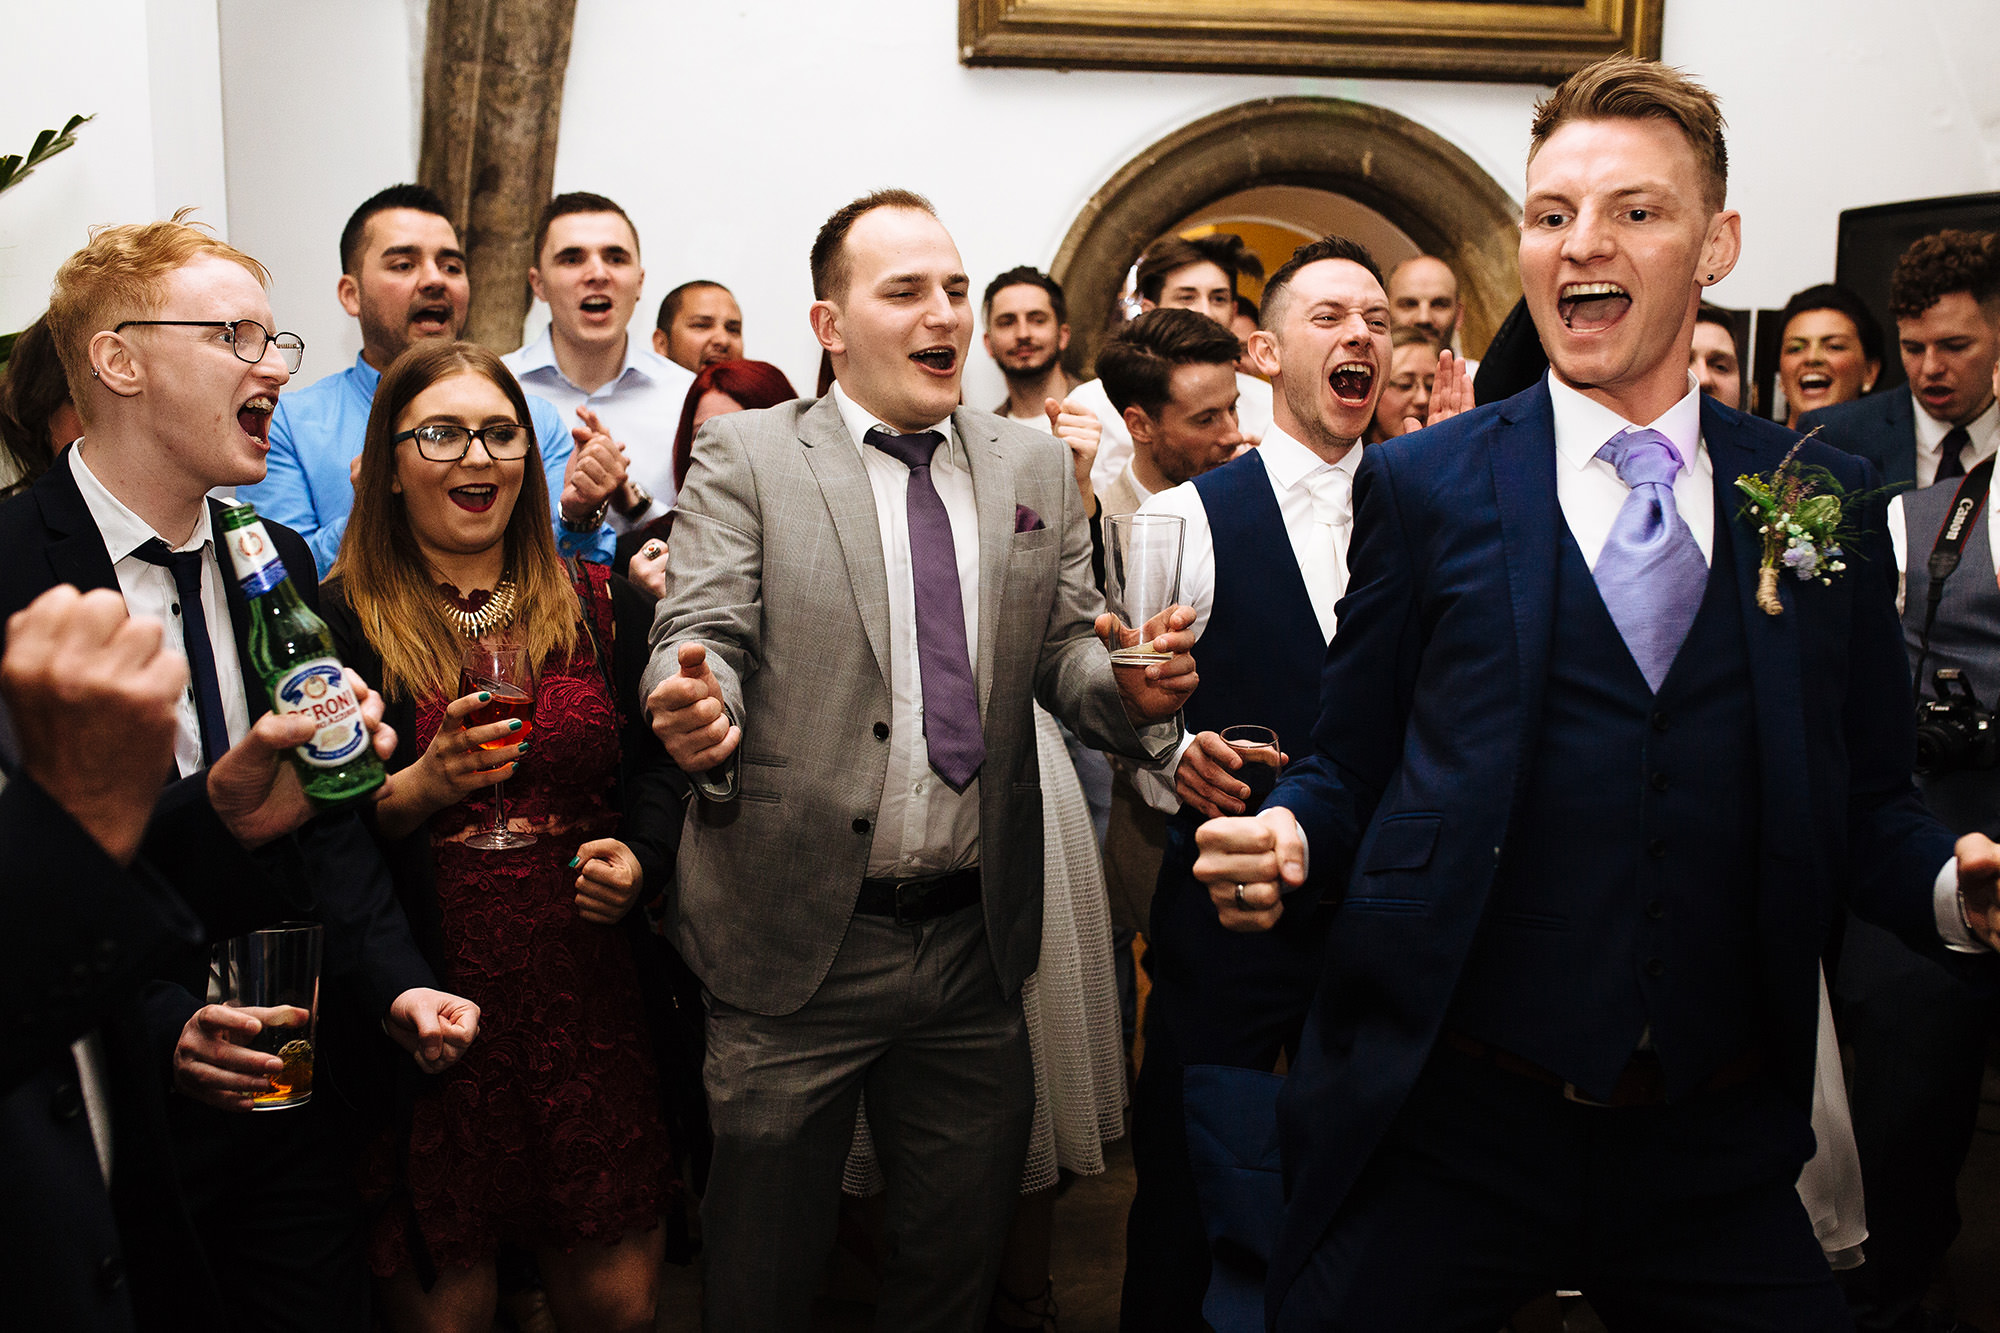 DRAG QUEEN GAY LEEDS WEDDING00008.jpg